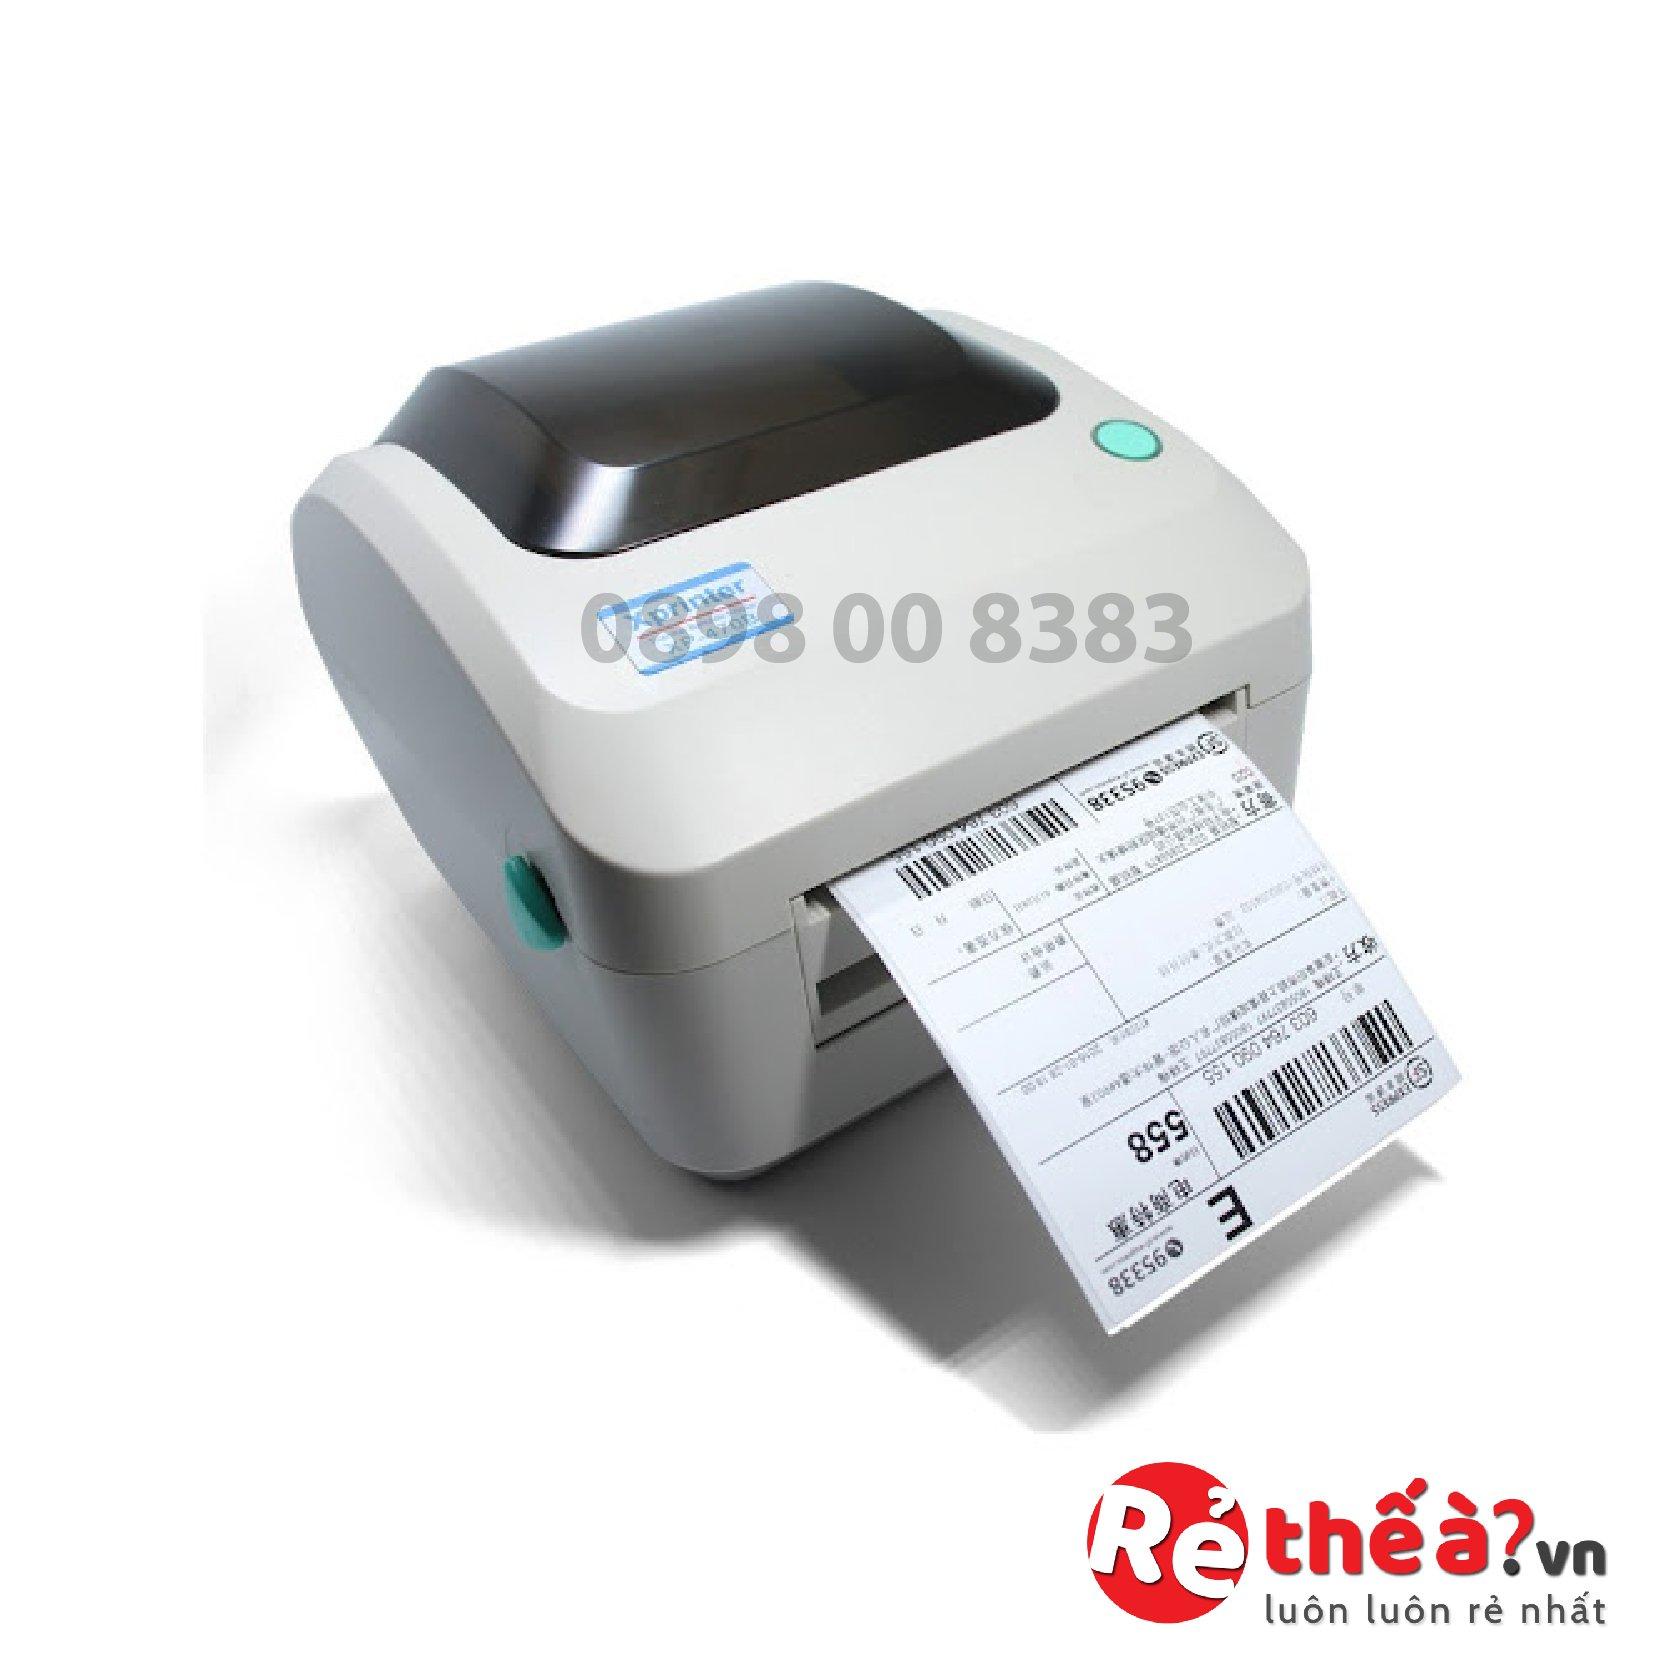 Máy in tem mã vạch Xprinter XP 470B